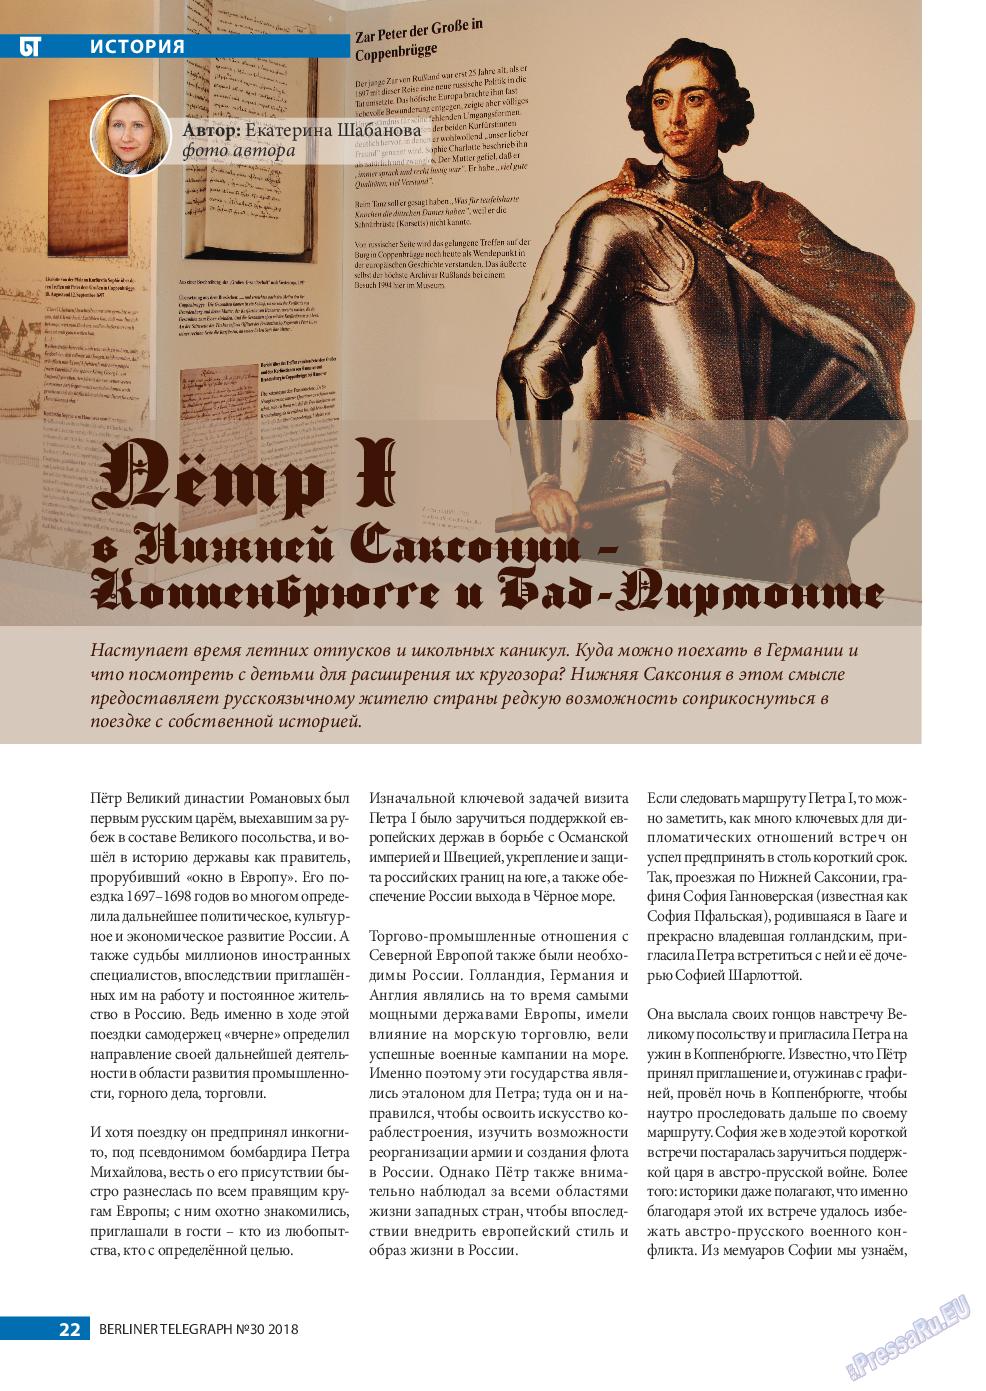 Берлинский телеграф (журнал). 2018 год, номер 30, стр. 22